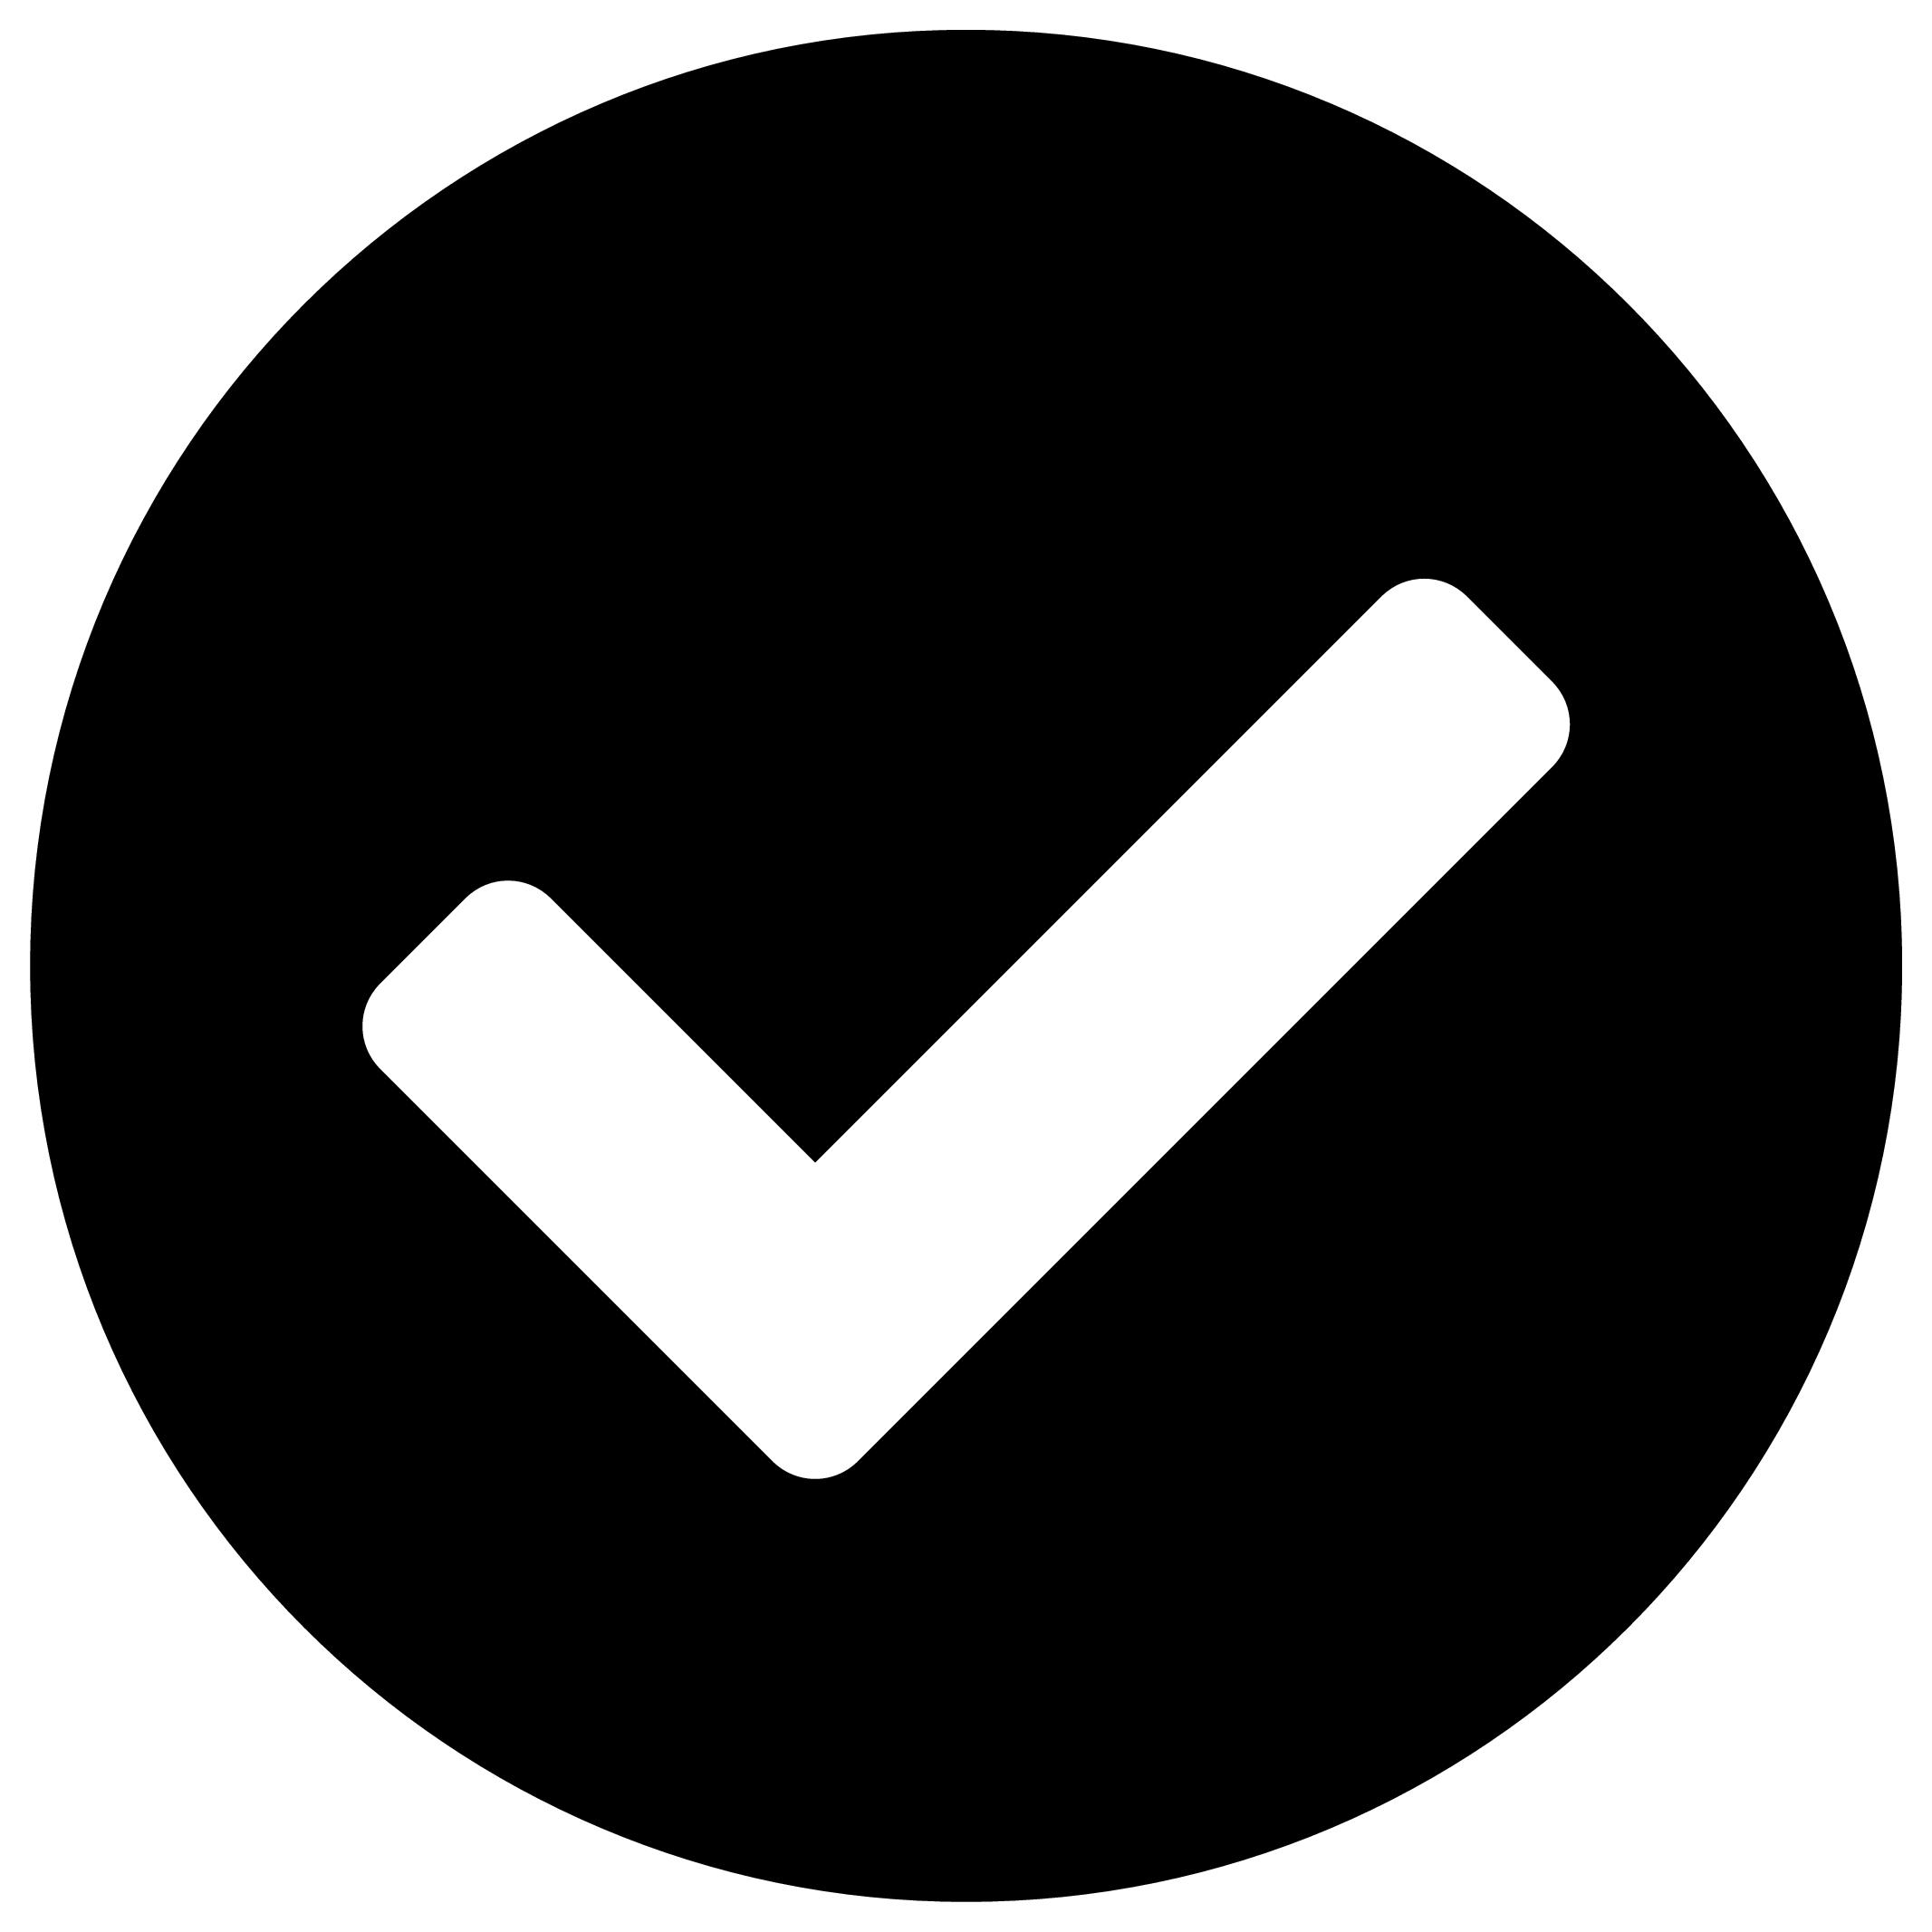 check-circle-solid.png